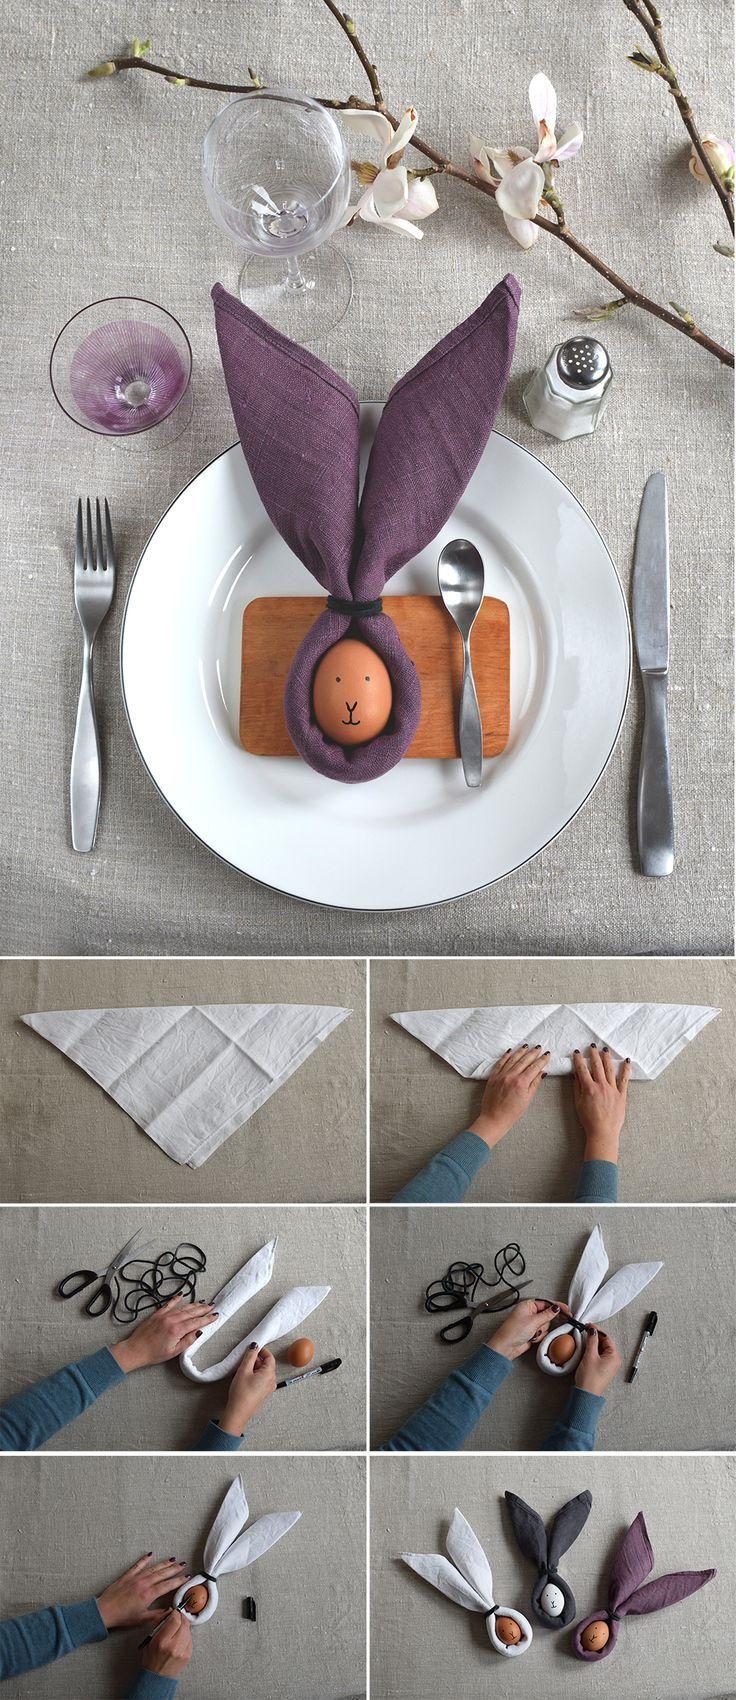 Påskdukning. Med servett och ägg blir påskbordet snabbt och enkelt fint fixat. Table setting för easter. /helenalyth/